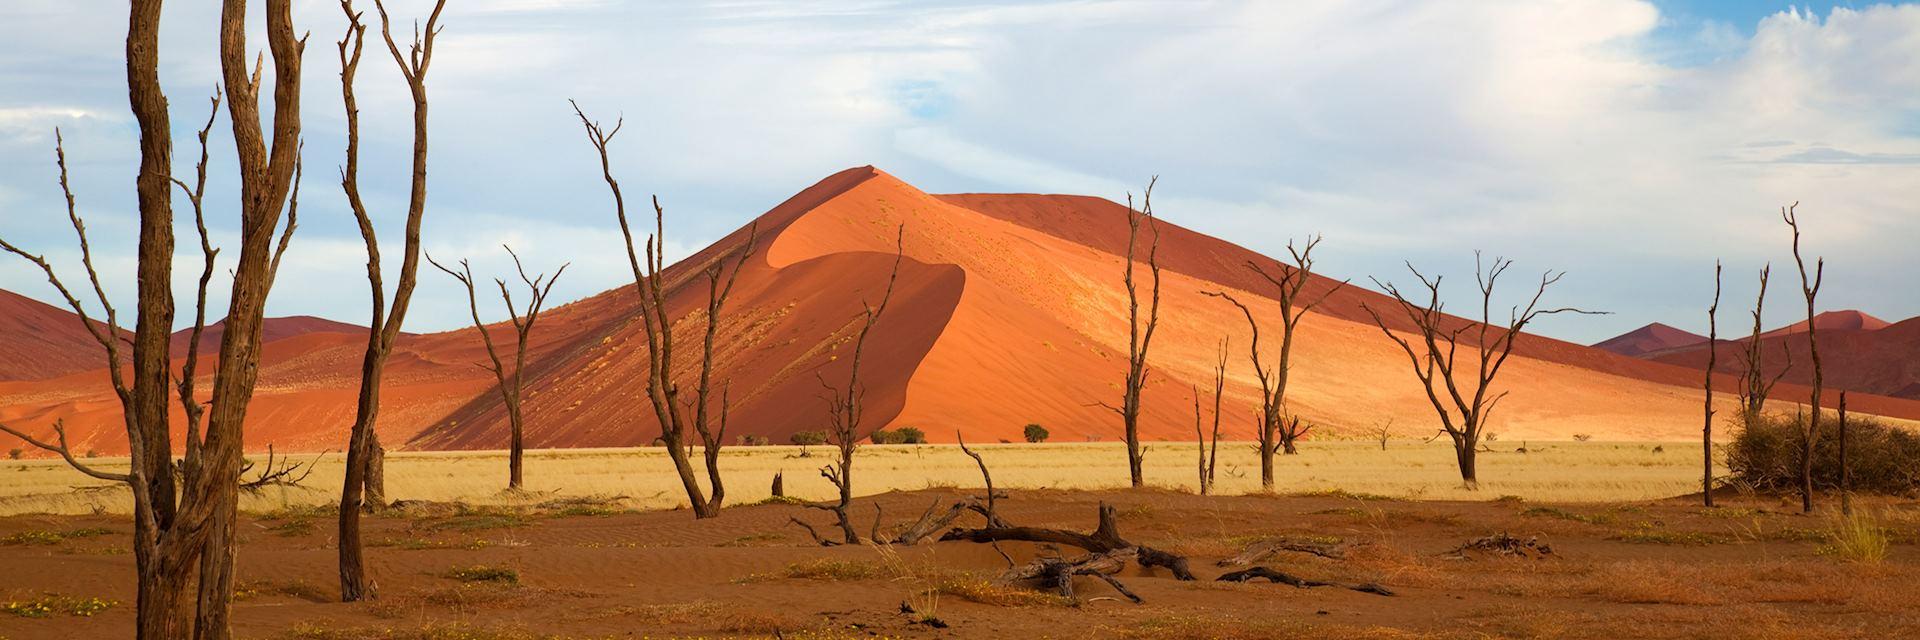 Dune in Sossusvlei